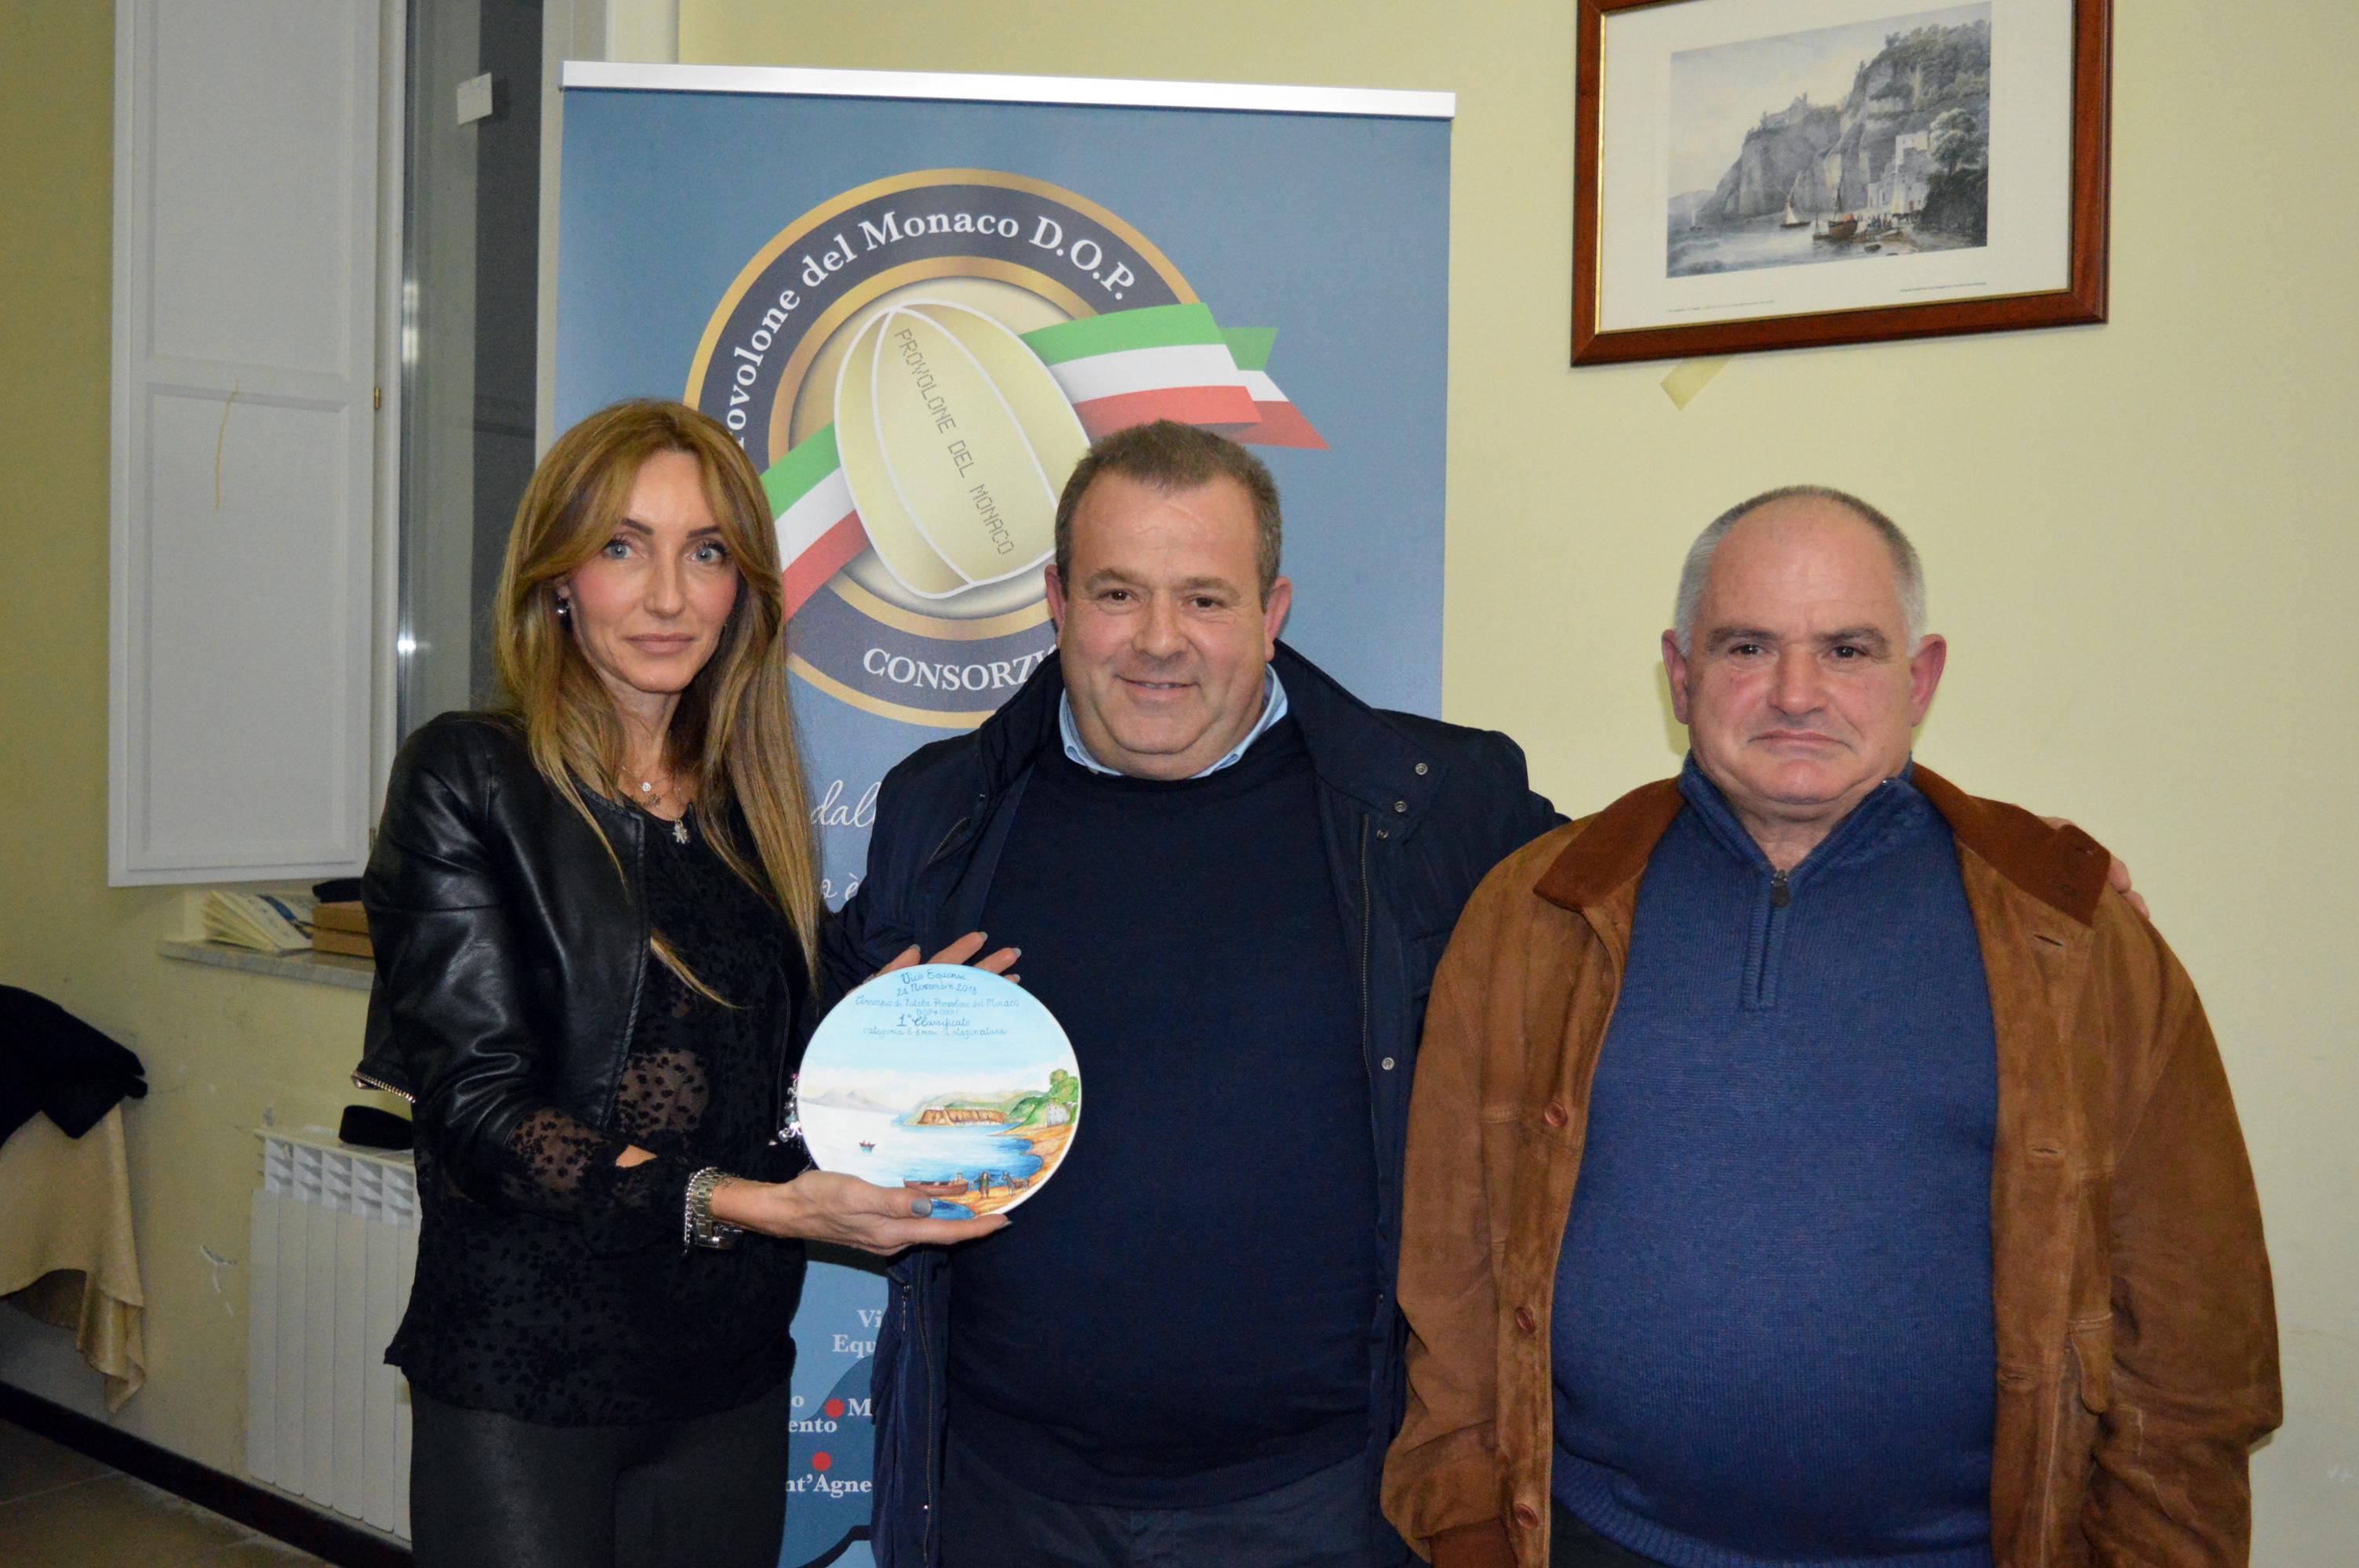 I Premi ai caseifici del provolone del Monaco dop